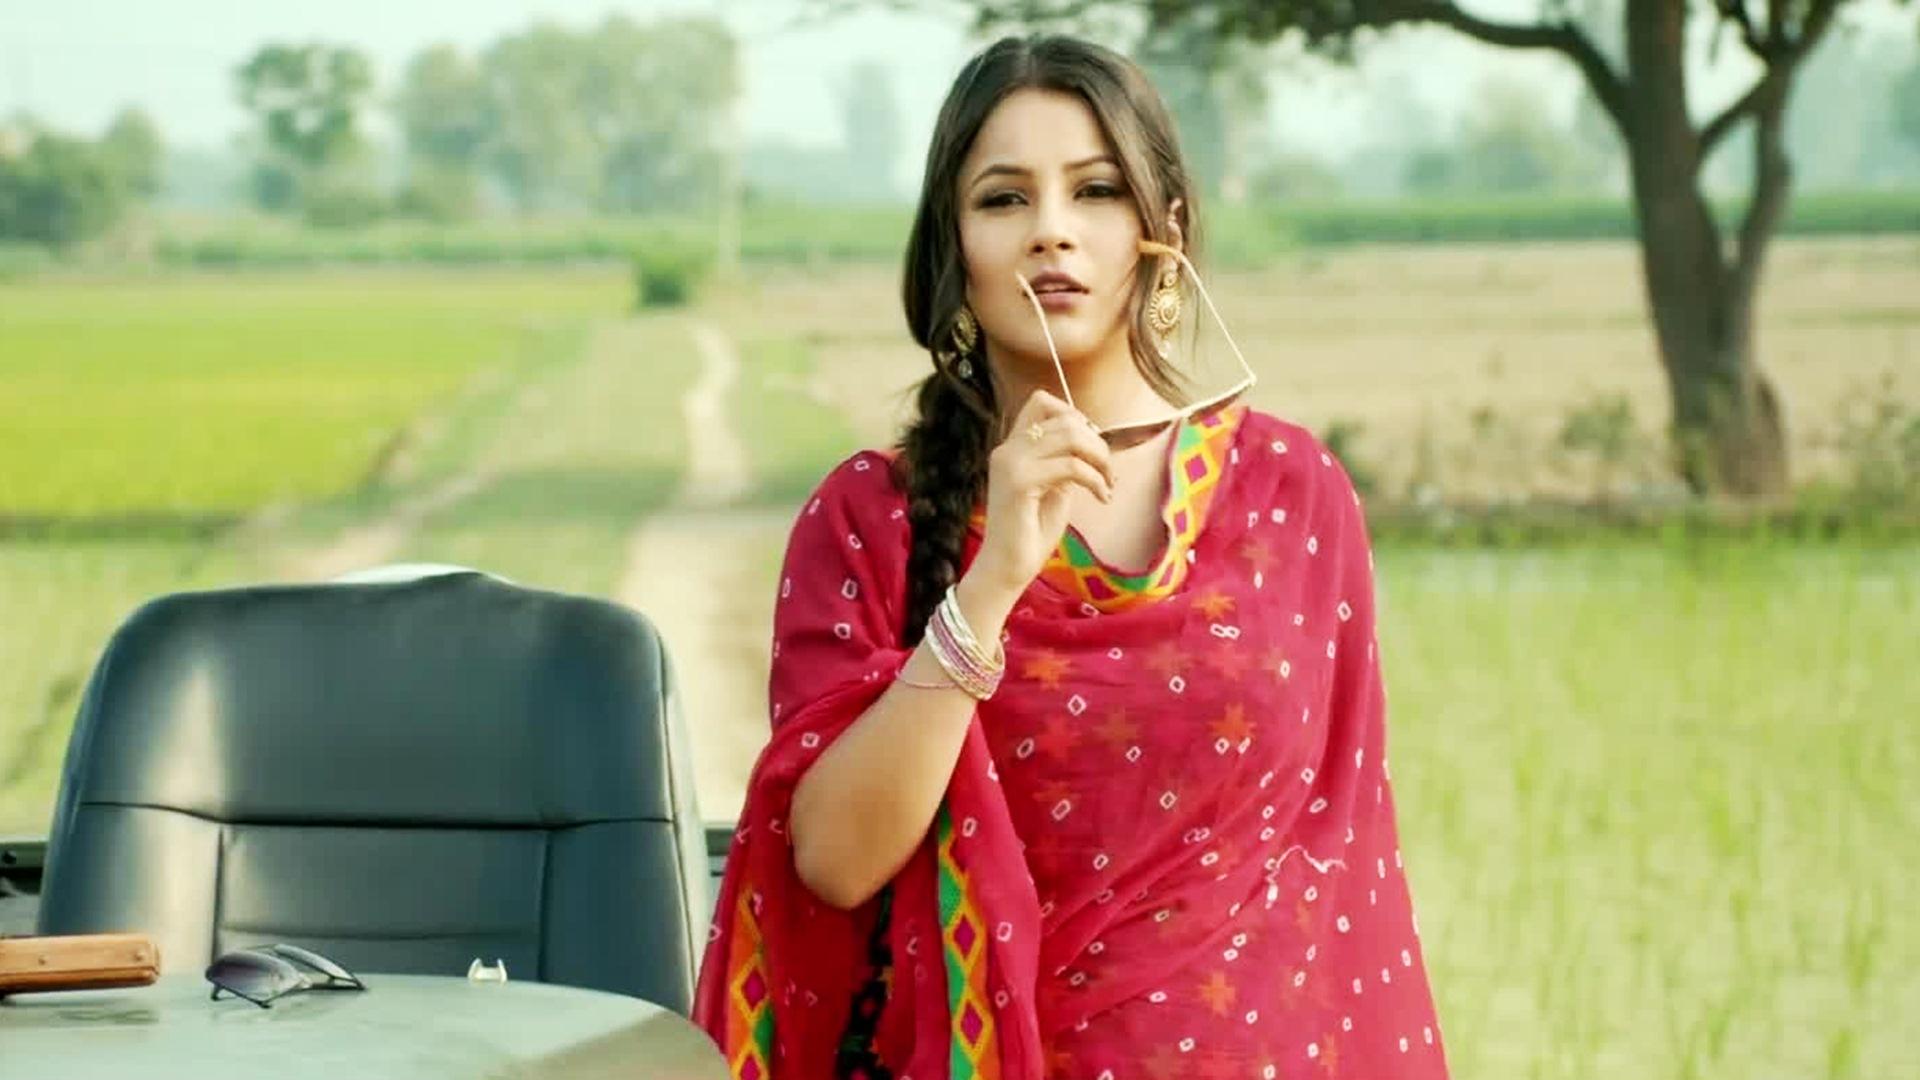 Shehnaaz Gill Dance Video: शहनाज गिल ने दुल्हन बनकर मचाया धमाल, वीडियो हुआ वायरल